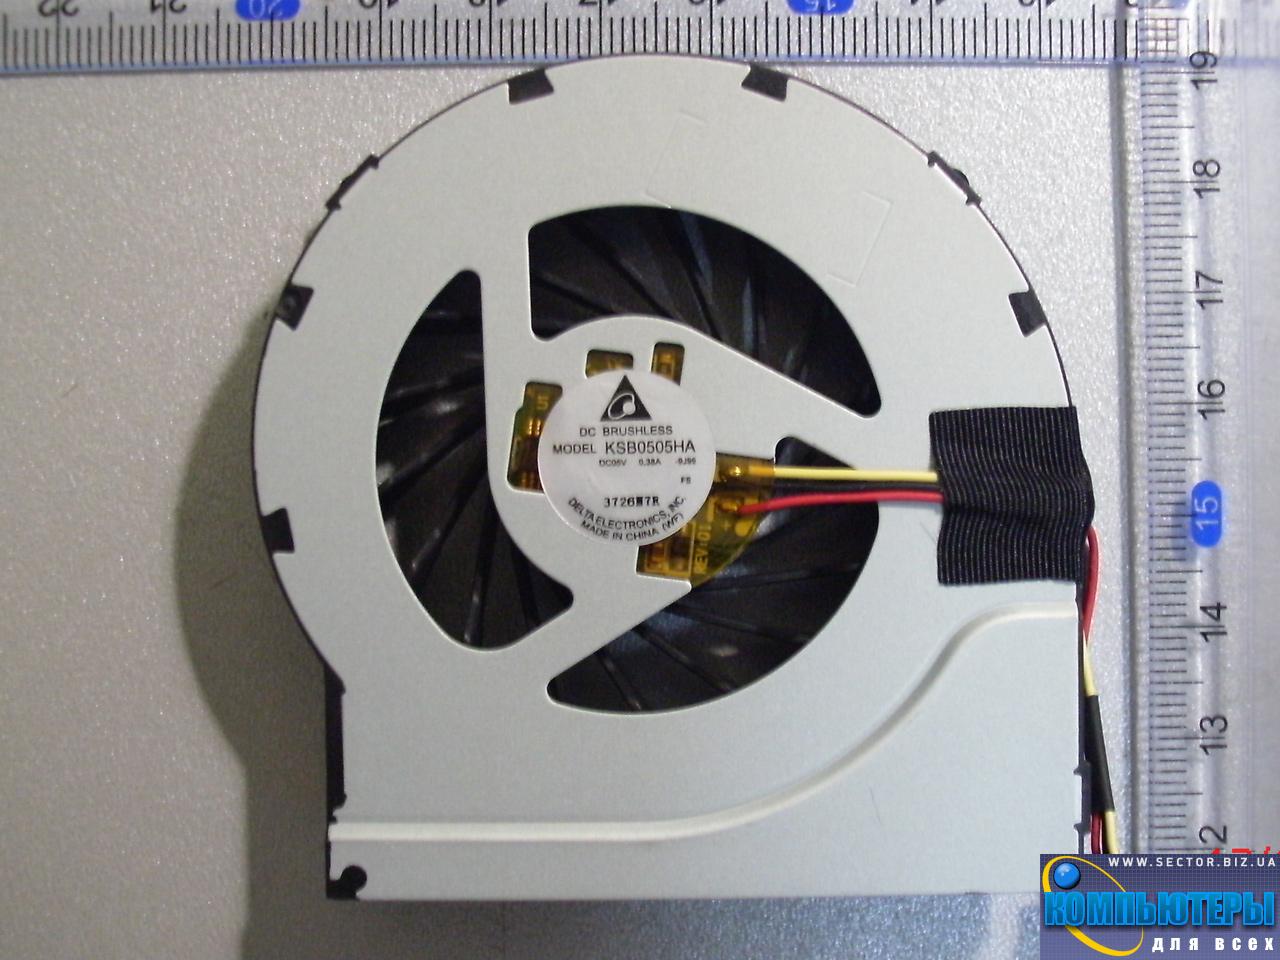 Кулер к ноутбуку HP Pavilion DV6-3000 DV6T-3000 DV7-4000 DV7T-4000 DV7-4100 p/n: KSB0505HA-9J99. Фото № 4.